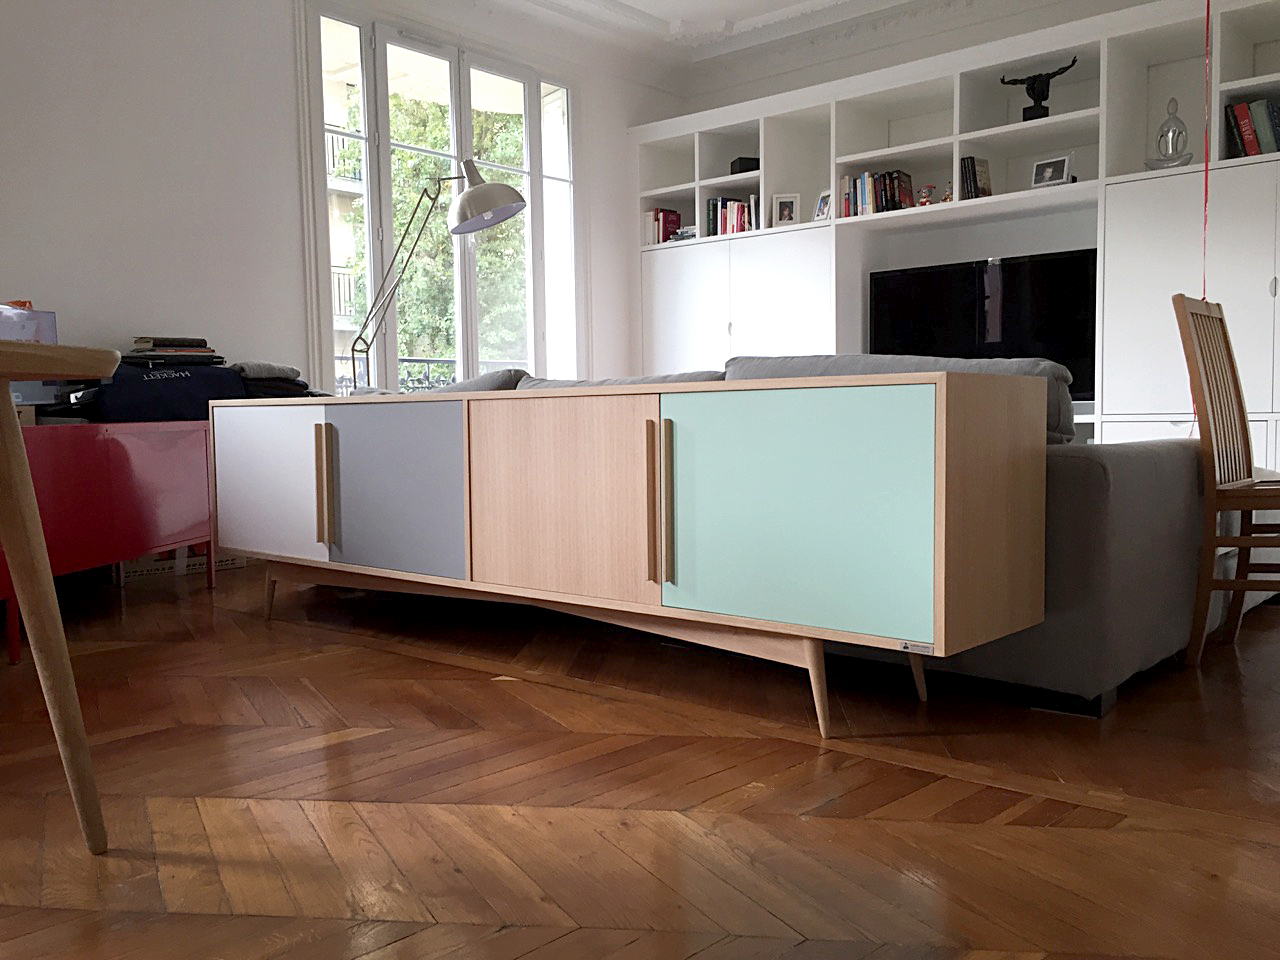 mobilier fran ais sur mesure meuble bas en bois. Black Bedroom Furniture Sets. Home Design Ideas